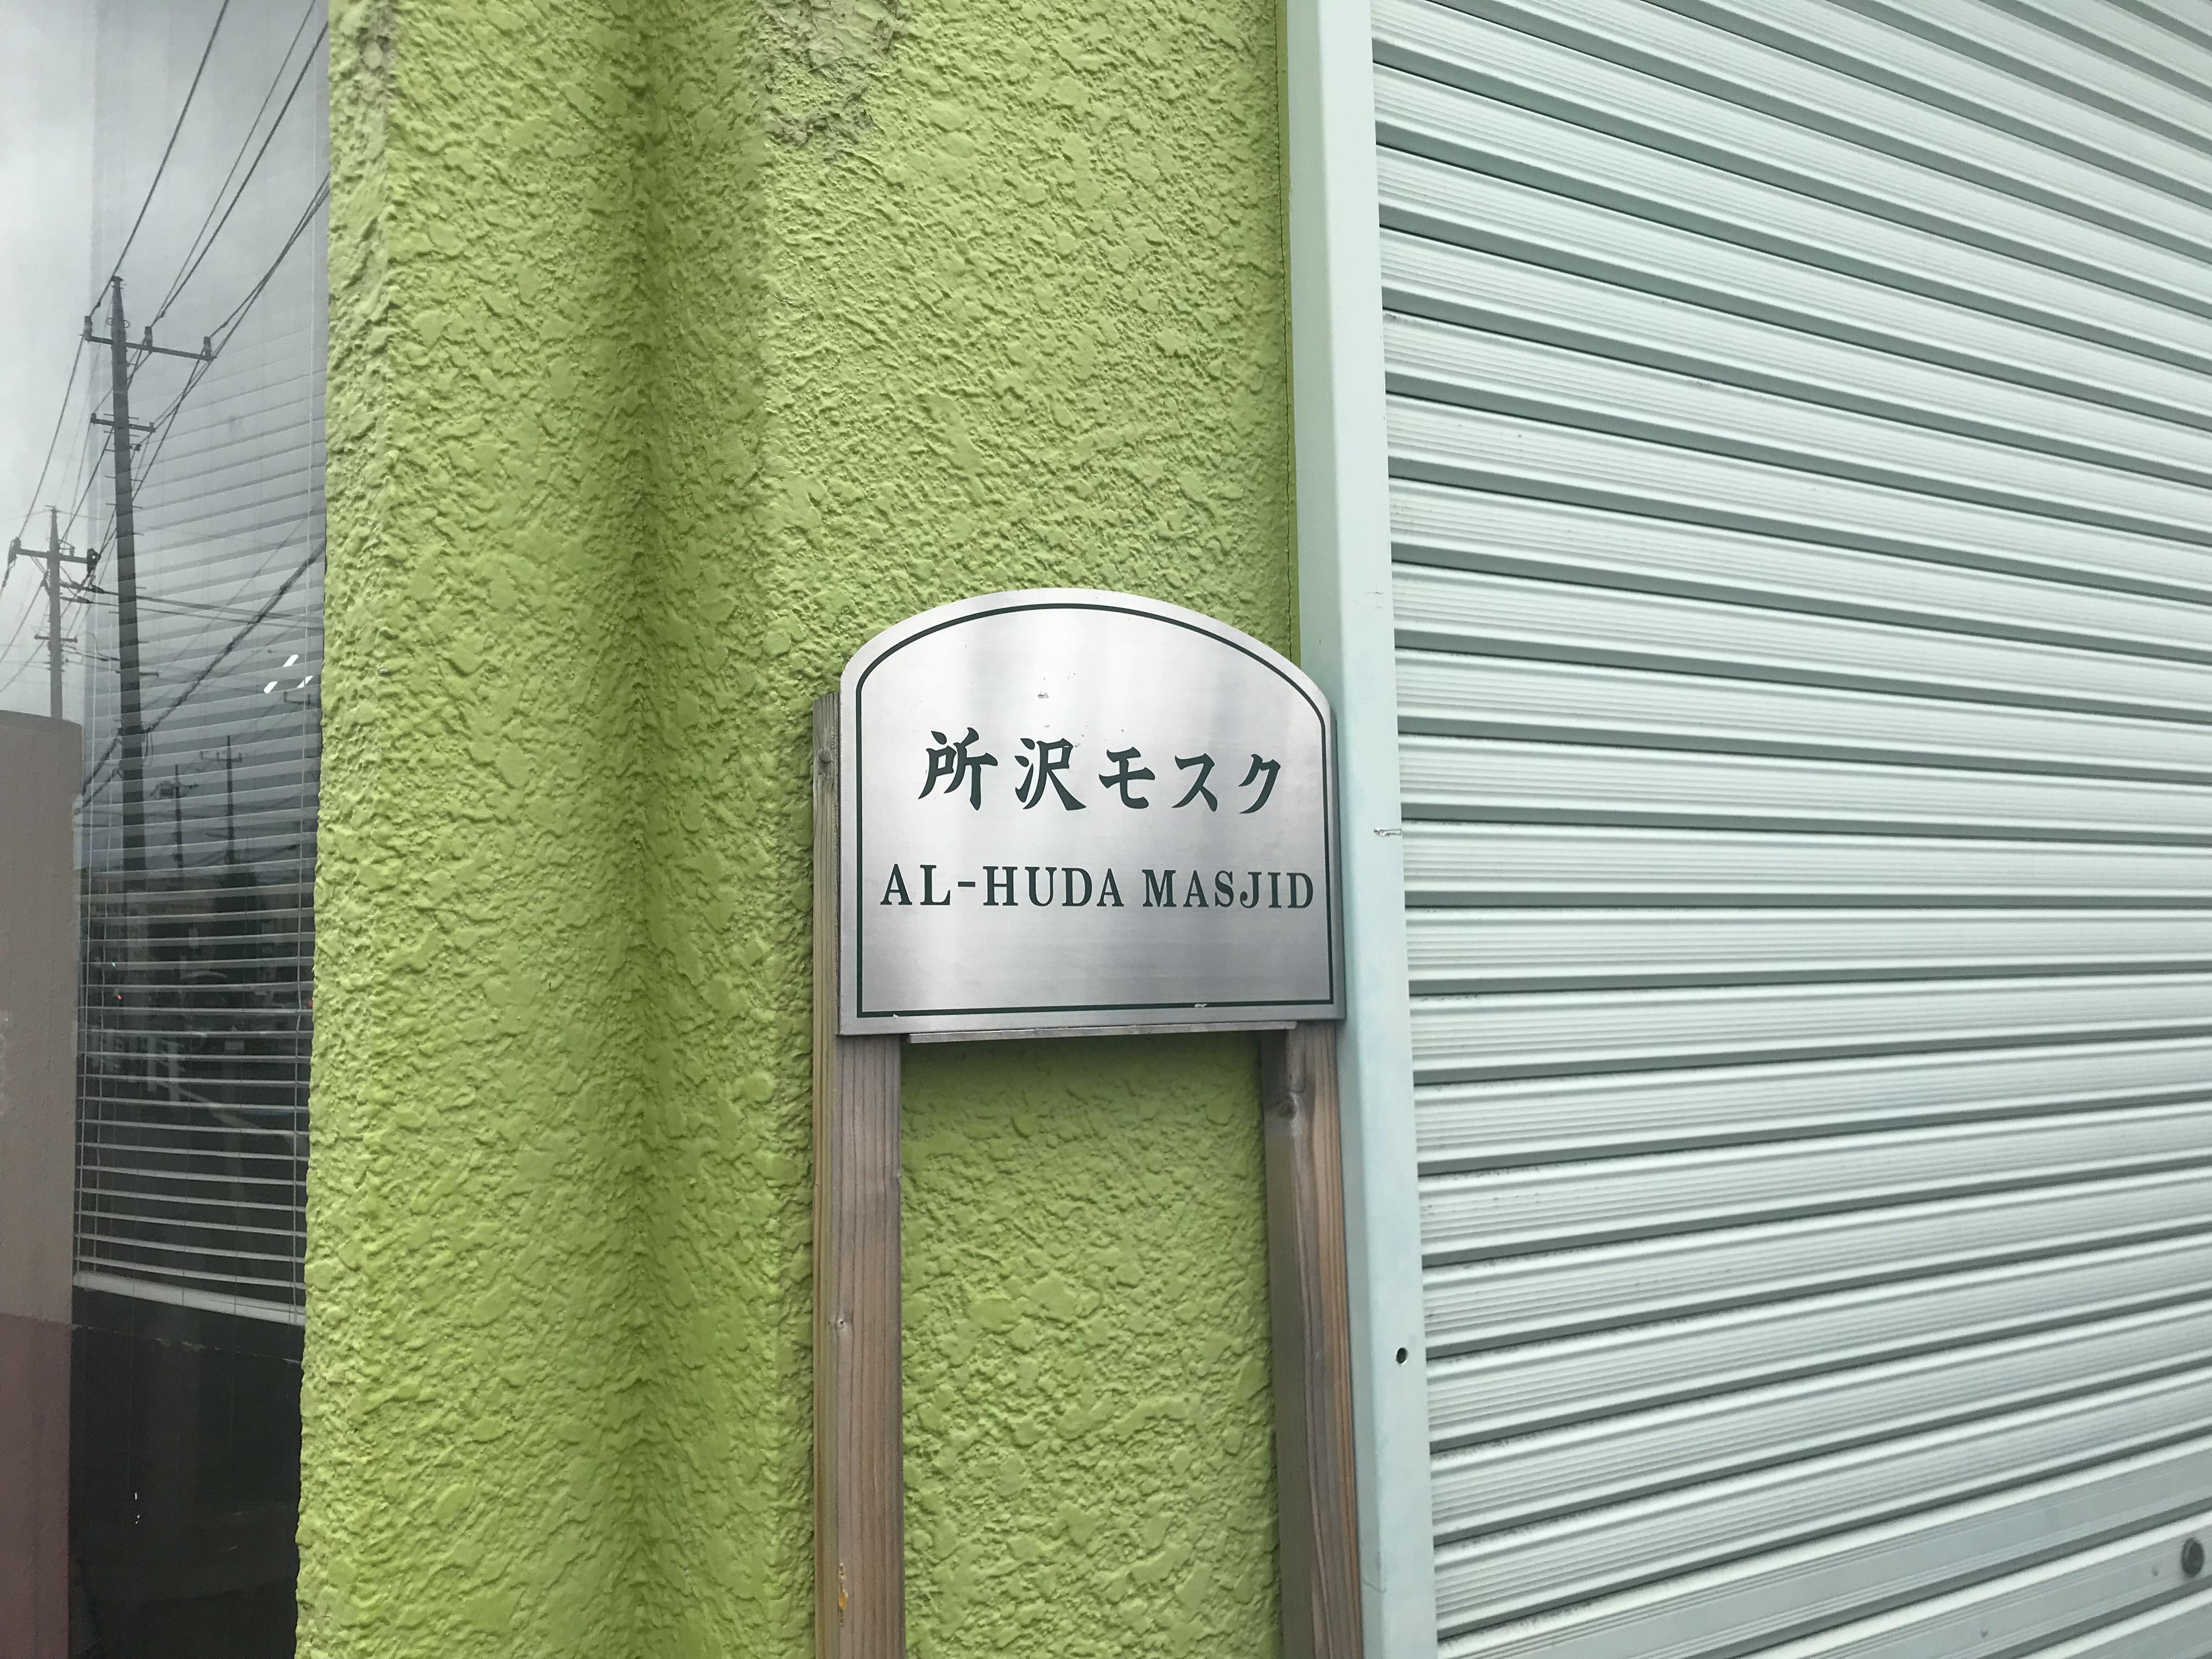 """Masjid in Japan """"AL-HUDA Masjid"""" 〜information of mosque & prayer room〜"""